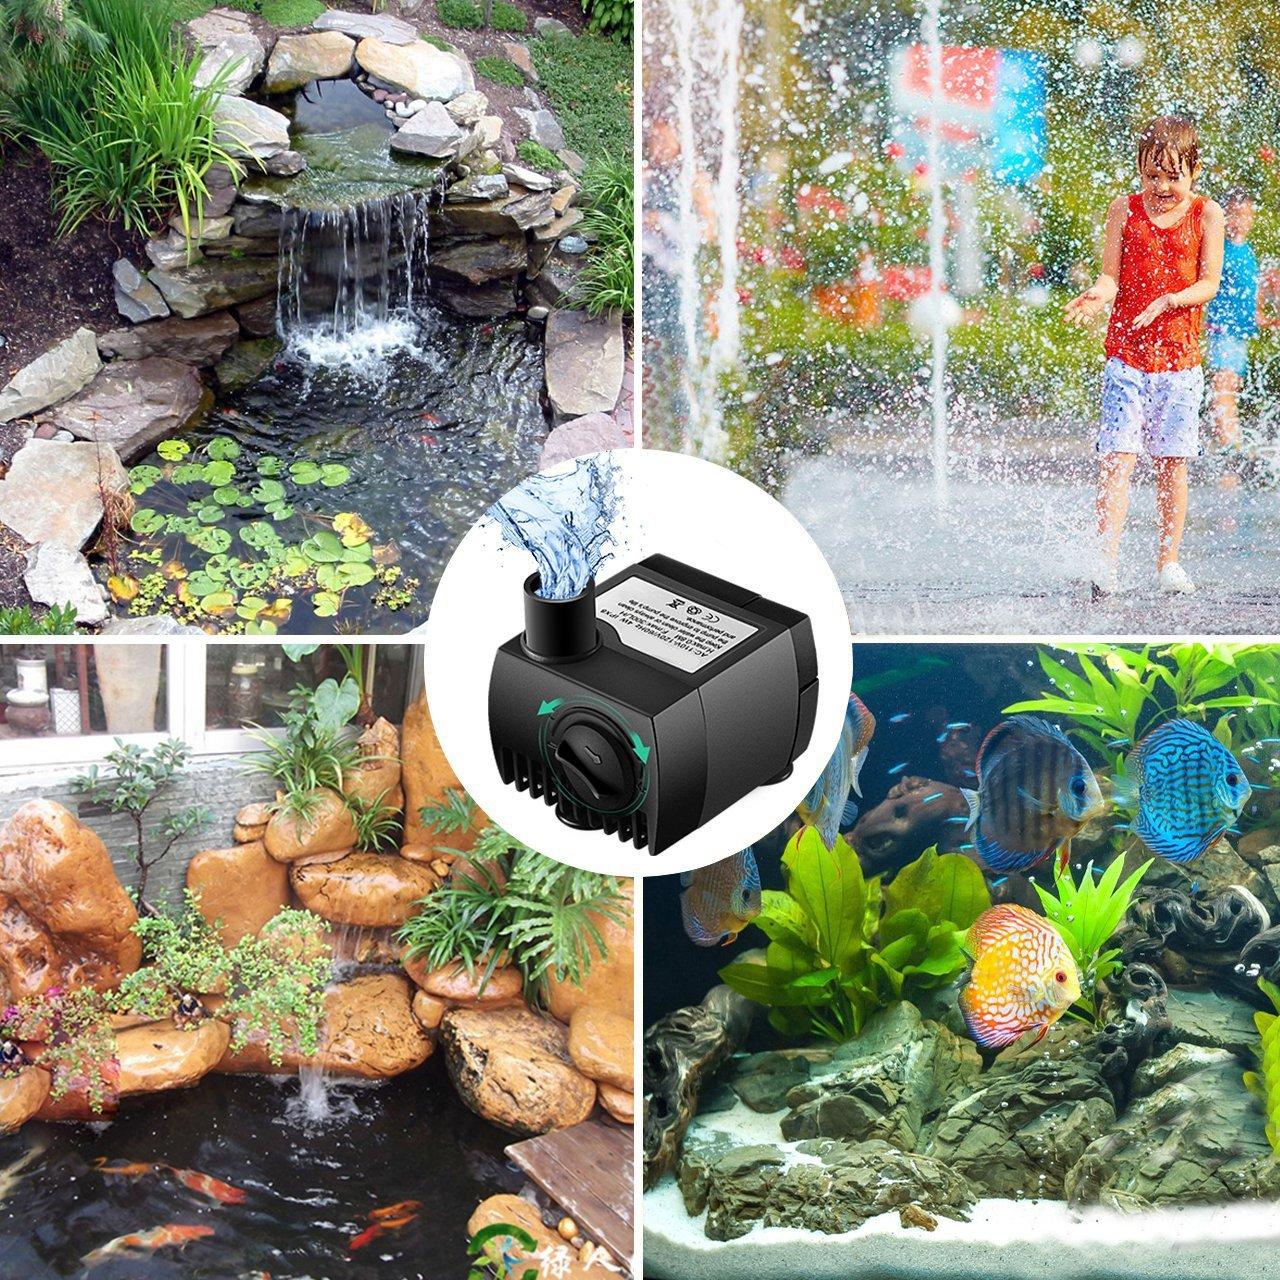 Aquarium Gartenteich Springbrunnen Brunnen SeeKool Mini Wasserpumpe 300L//H 3W Submersible Pumpe Tauchpumpe Unterwasser f/ür Teiche,Fisch Beh/älter Garten Aquariumpumpe